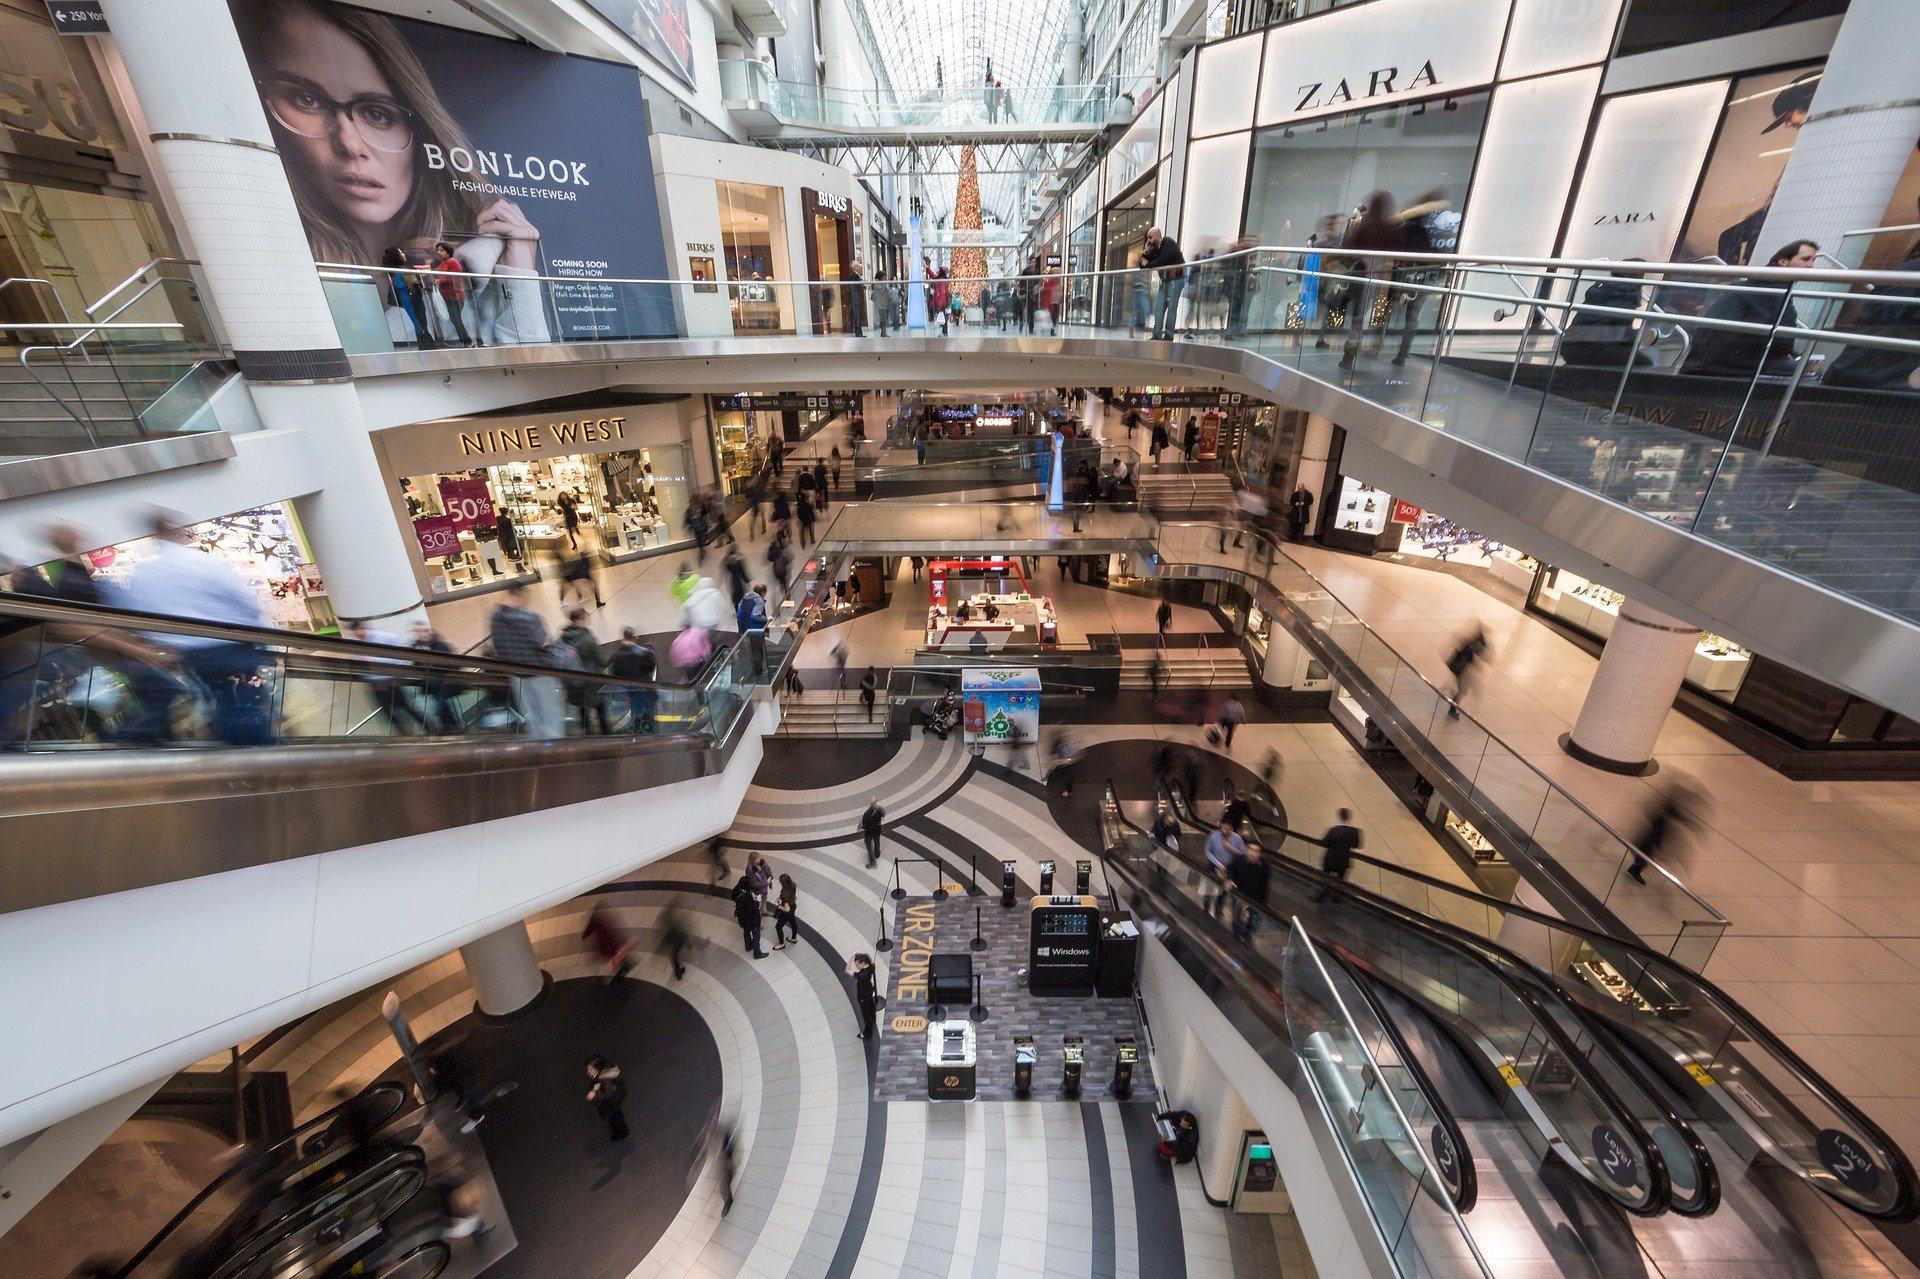 Galerie handlowe i muzea otwarte od 1 lutego. Etap odpowiedzialności trwa do 14 lutego